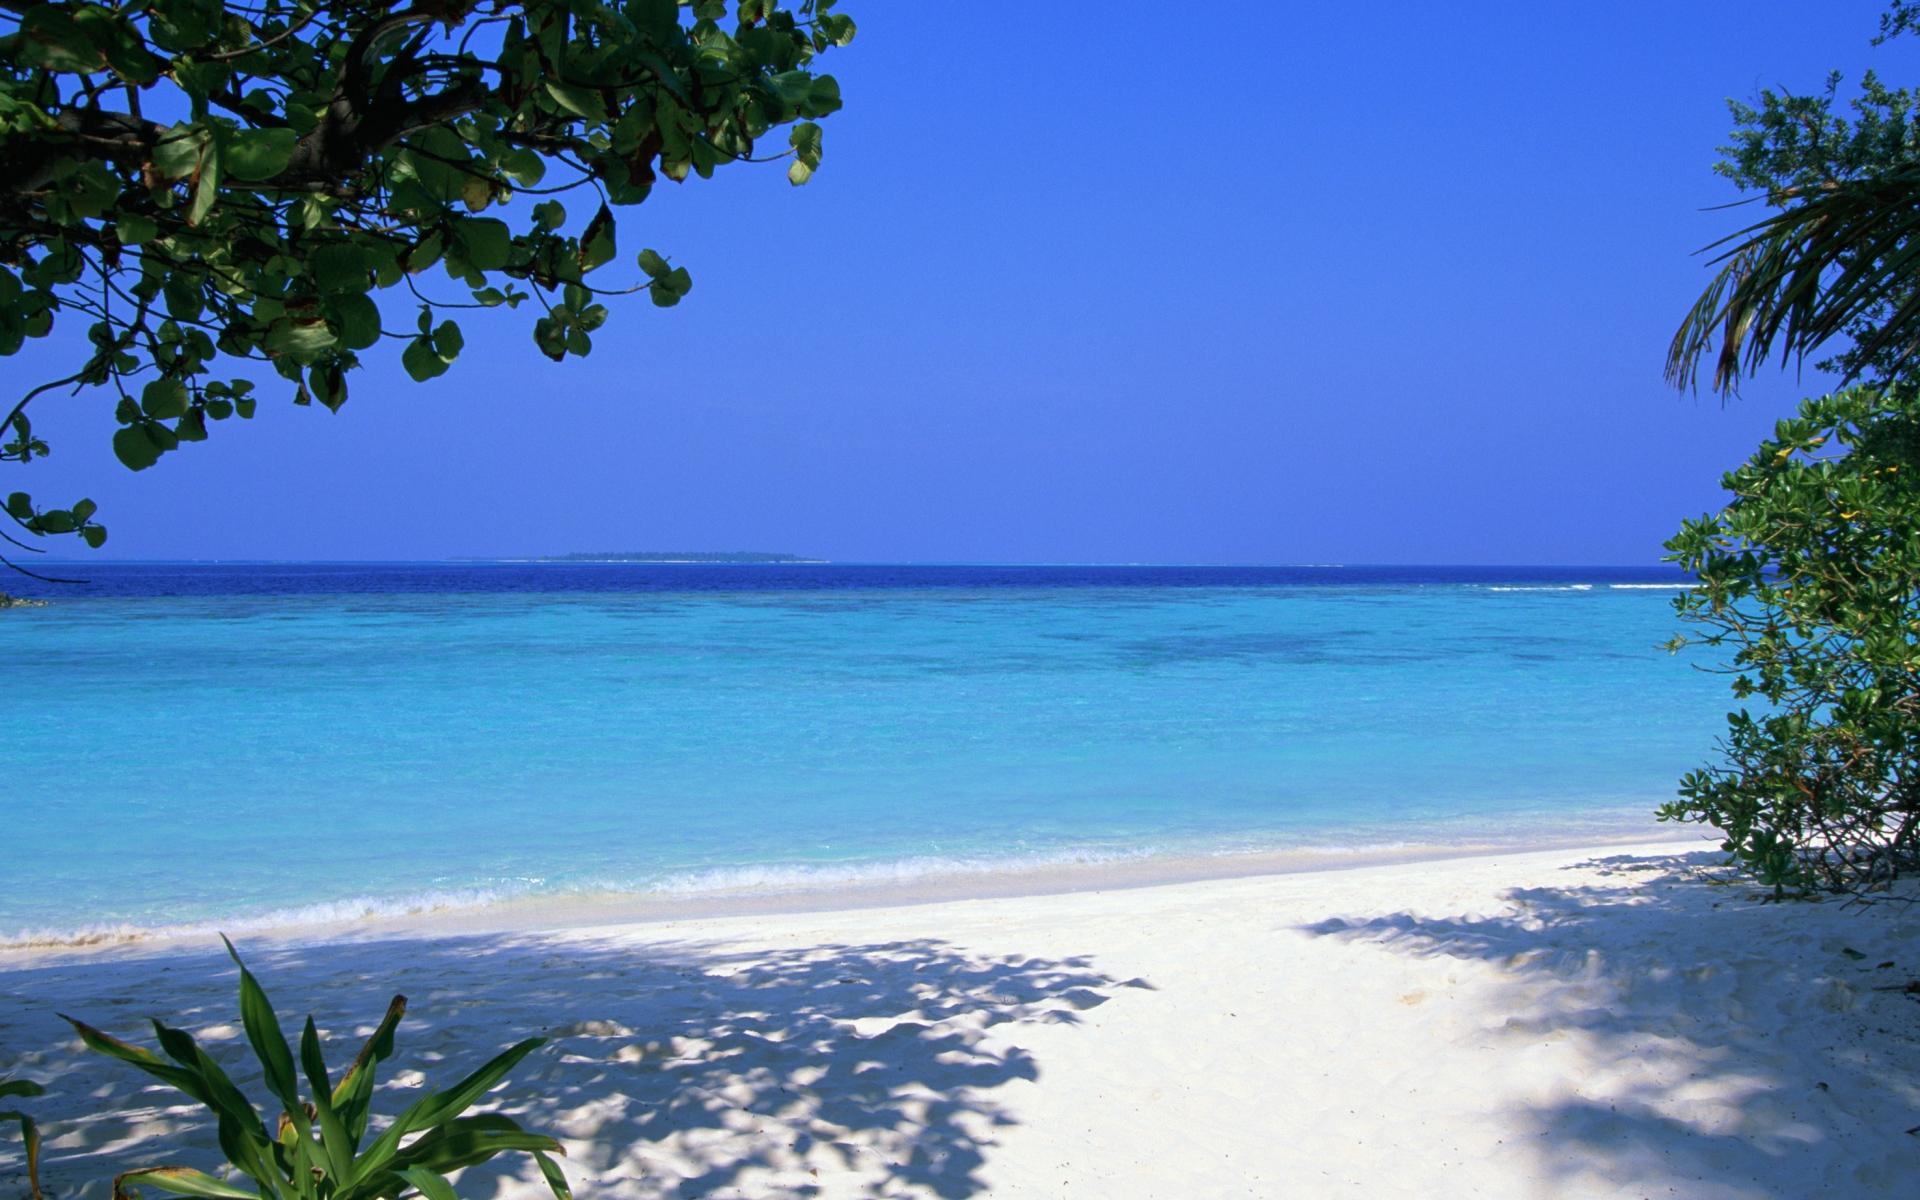 Картинки Мальдив, тропический, пляж, песок, пальмы, море фото и обои на рабочий стол